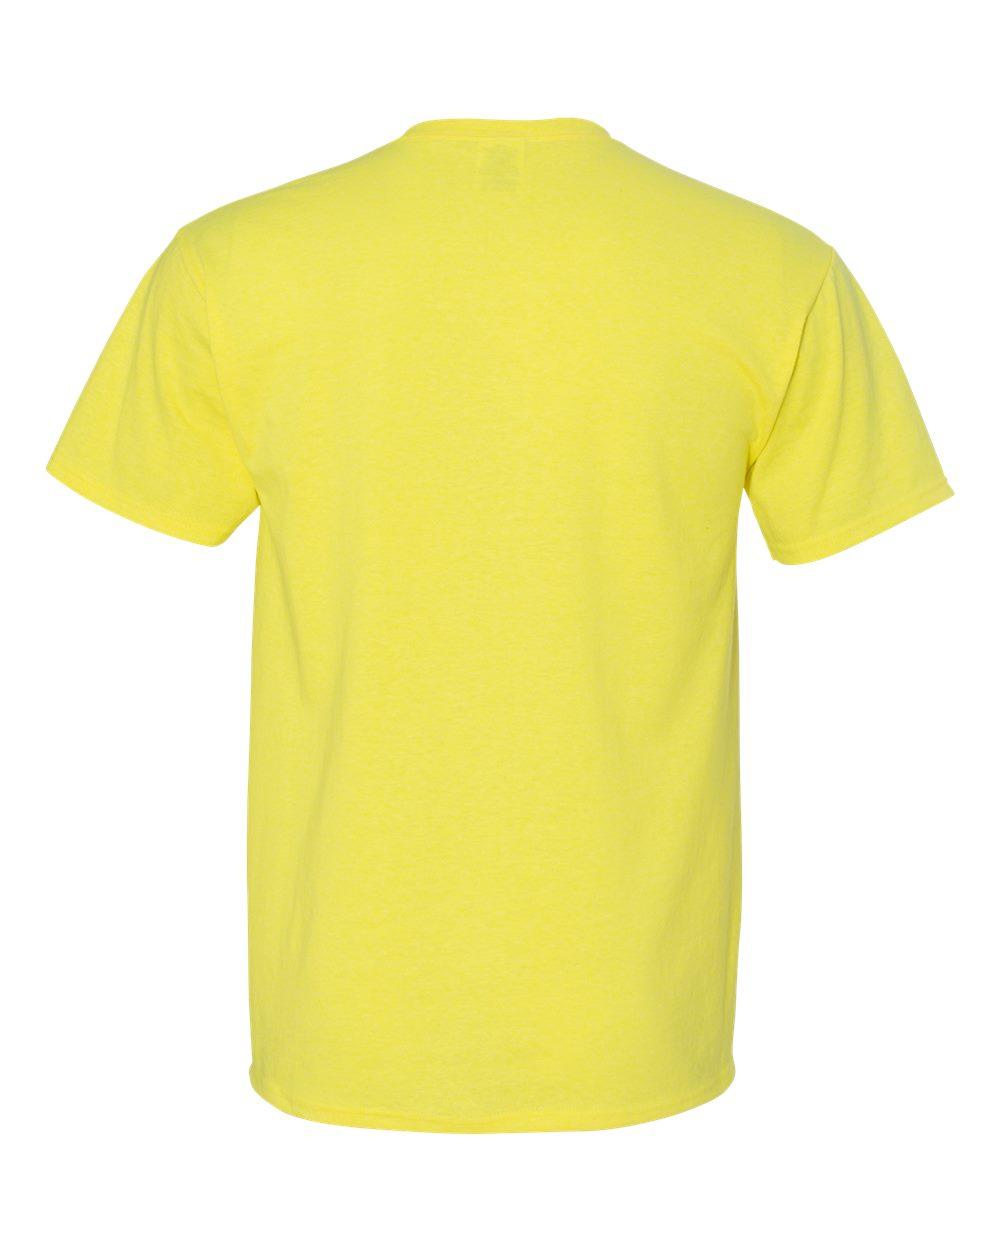 Jerzees-Men-039-s-5-6-oz-50-50-Heavyweight-Blend-T-Shirt-29M-S-4XL thumbnail 73